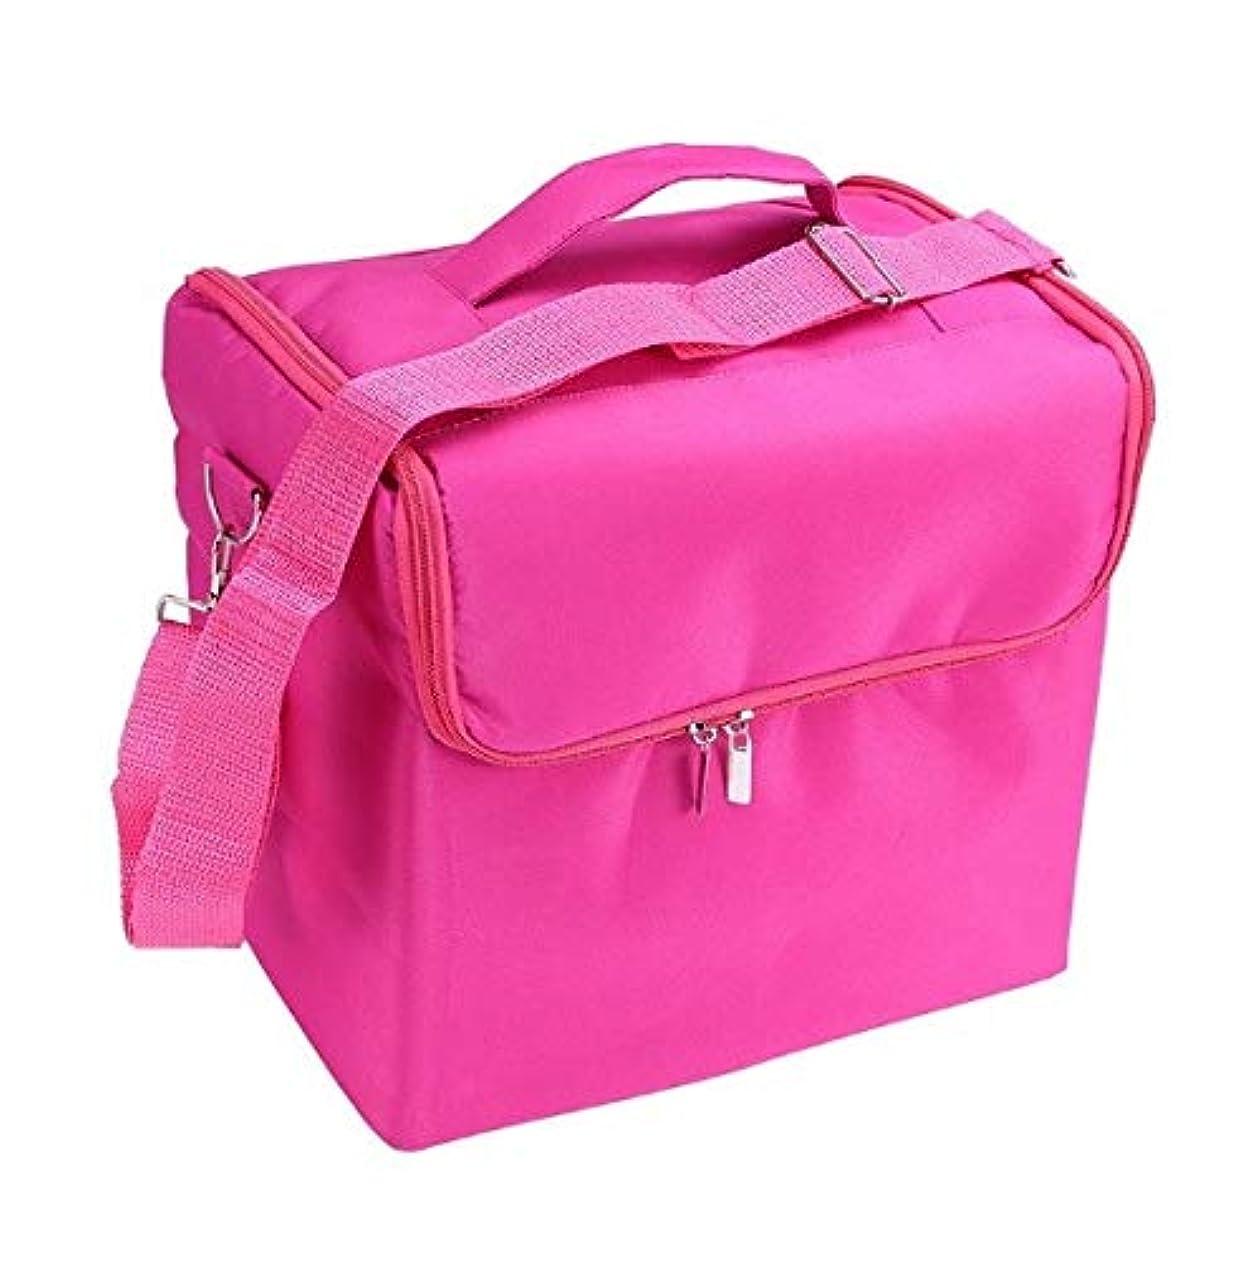 記念碑定数ステレオタイプ化粧品ケース、ローズレッド多層化粧品バッグ、ポータブル旅行多機能化粧品ケース、美容ネイルジュエリー収納ボックス